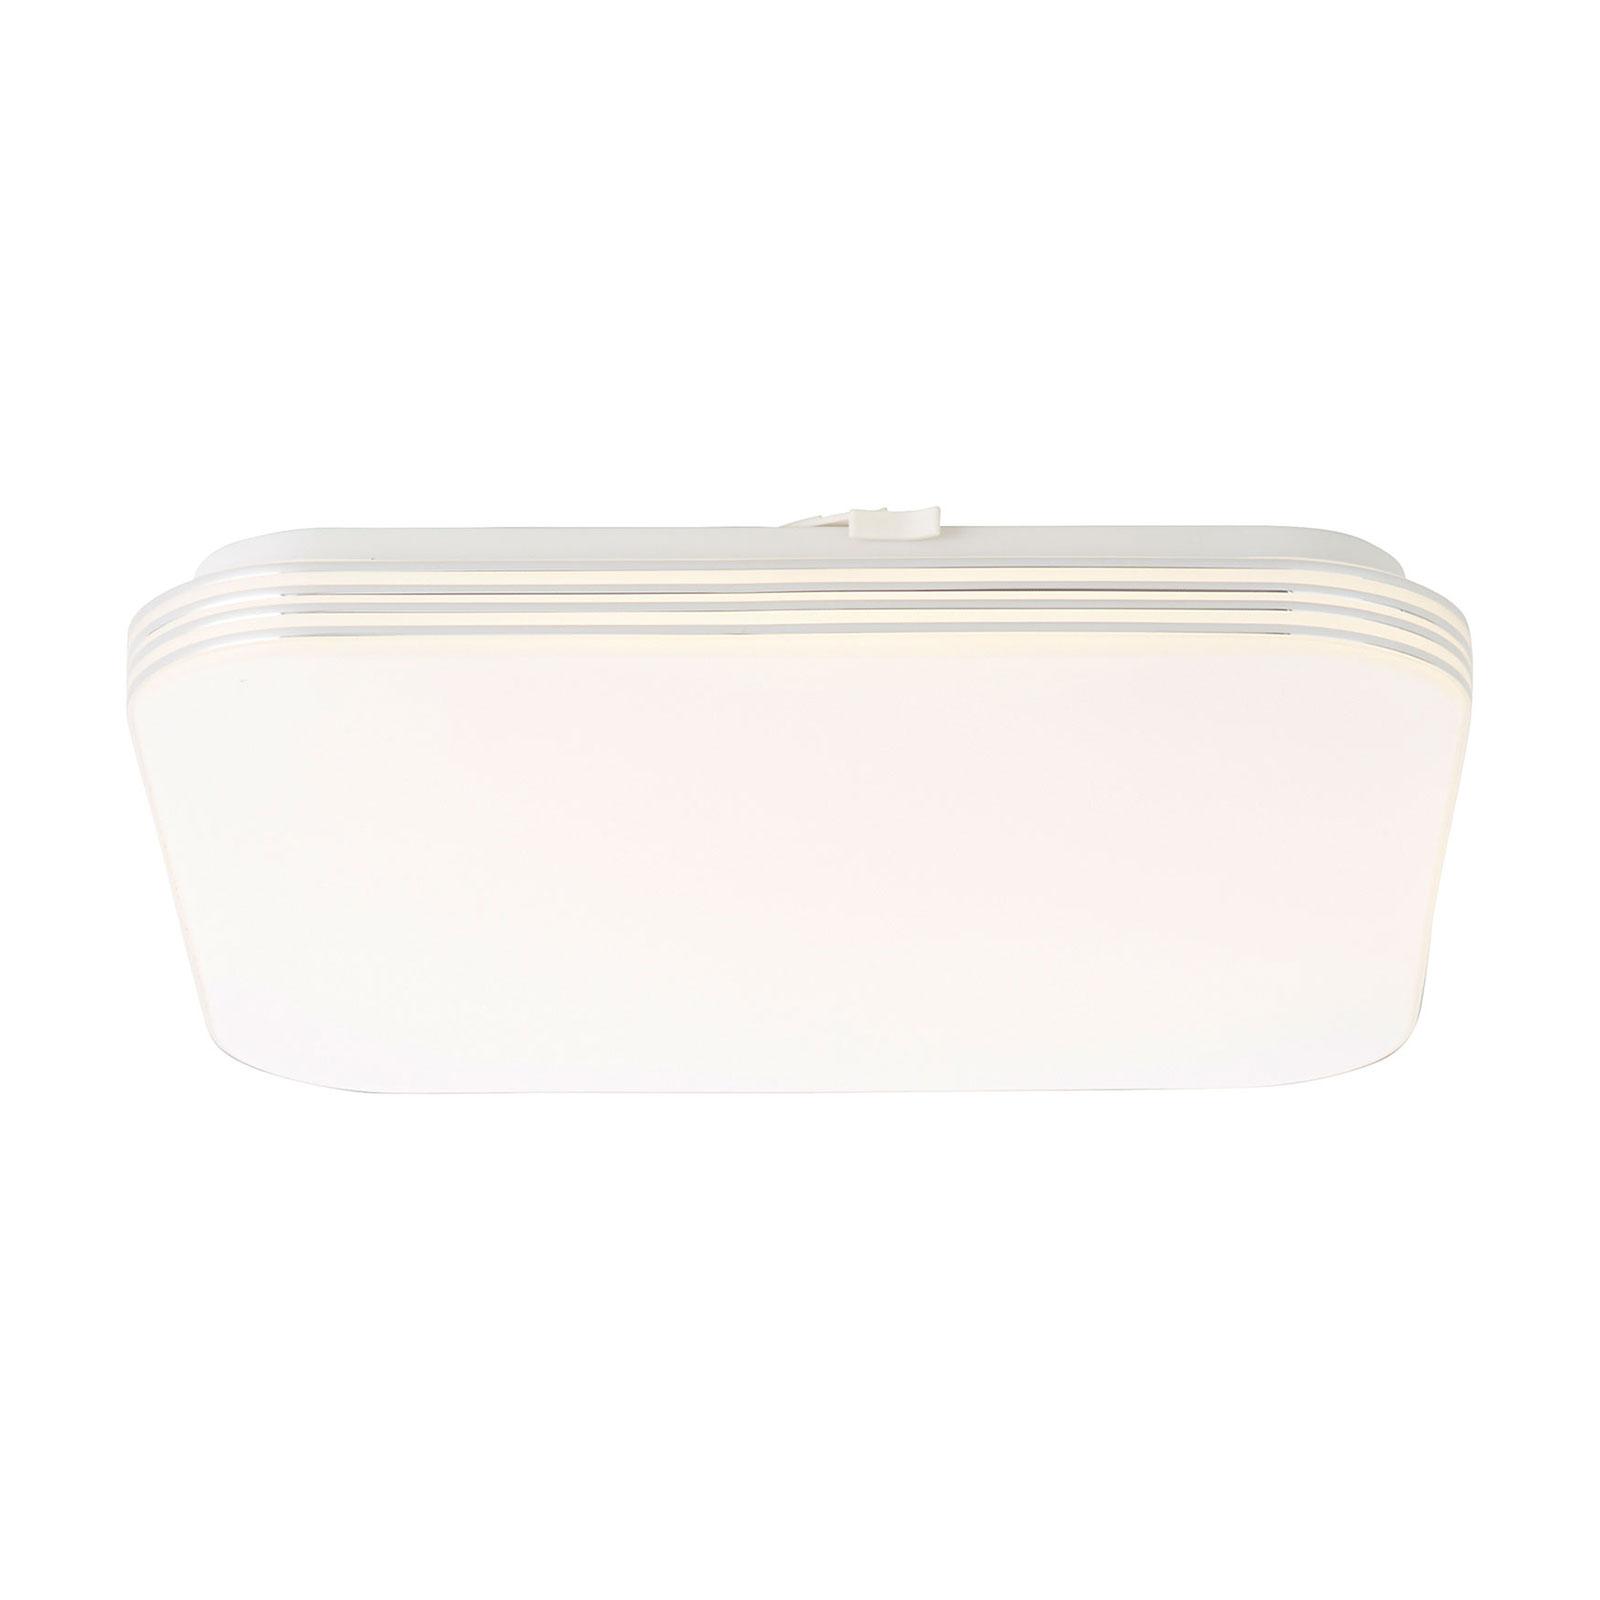 LED-Deckenleuchte Ariella Weiß/Chrom, 34x34 cm